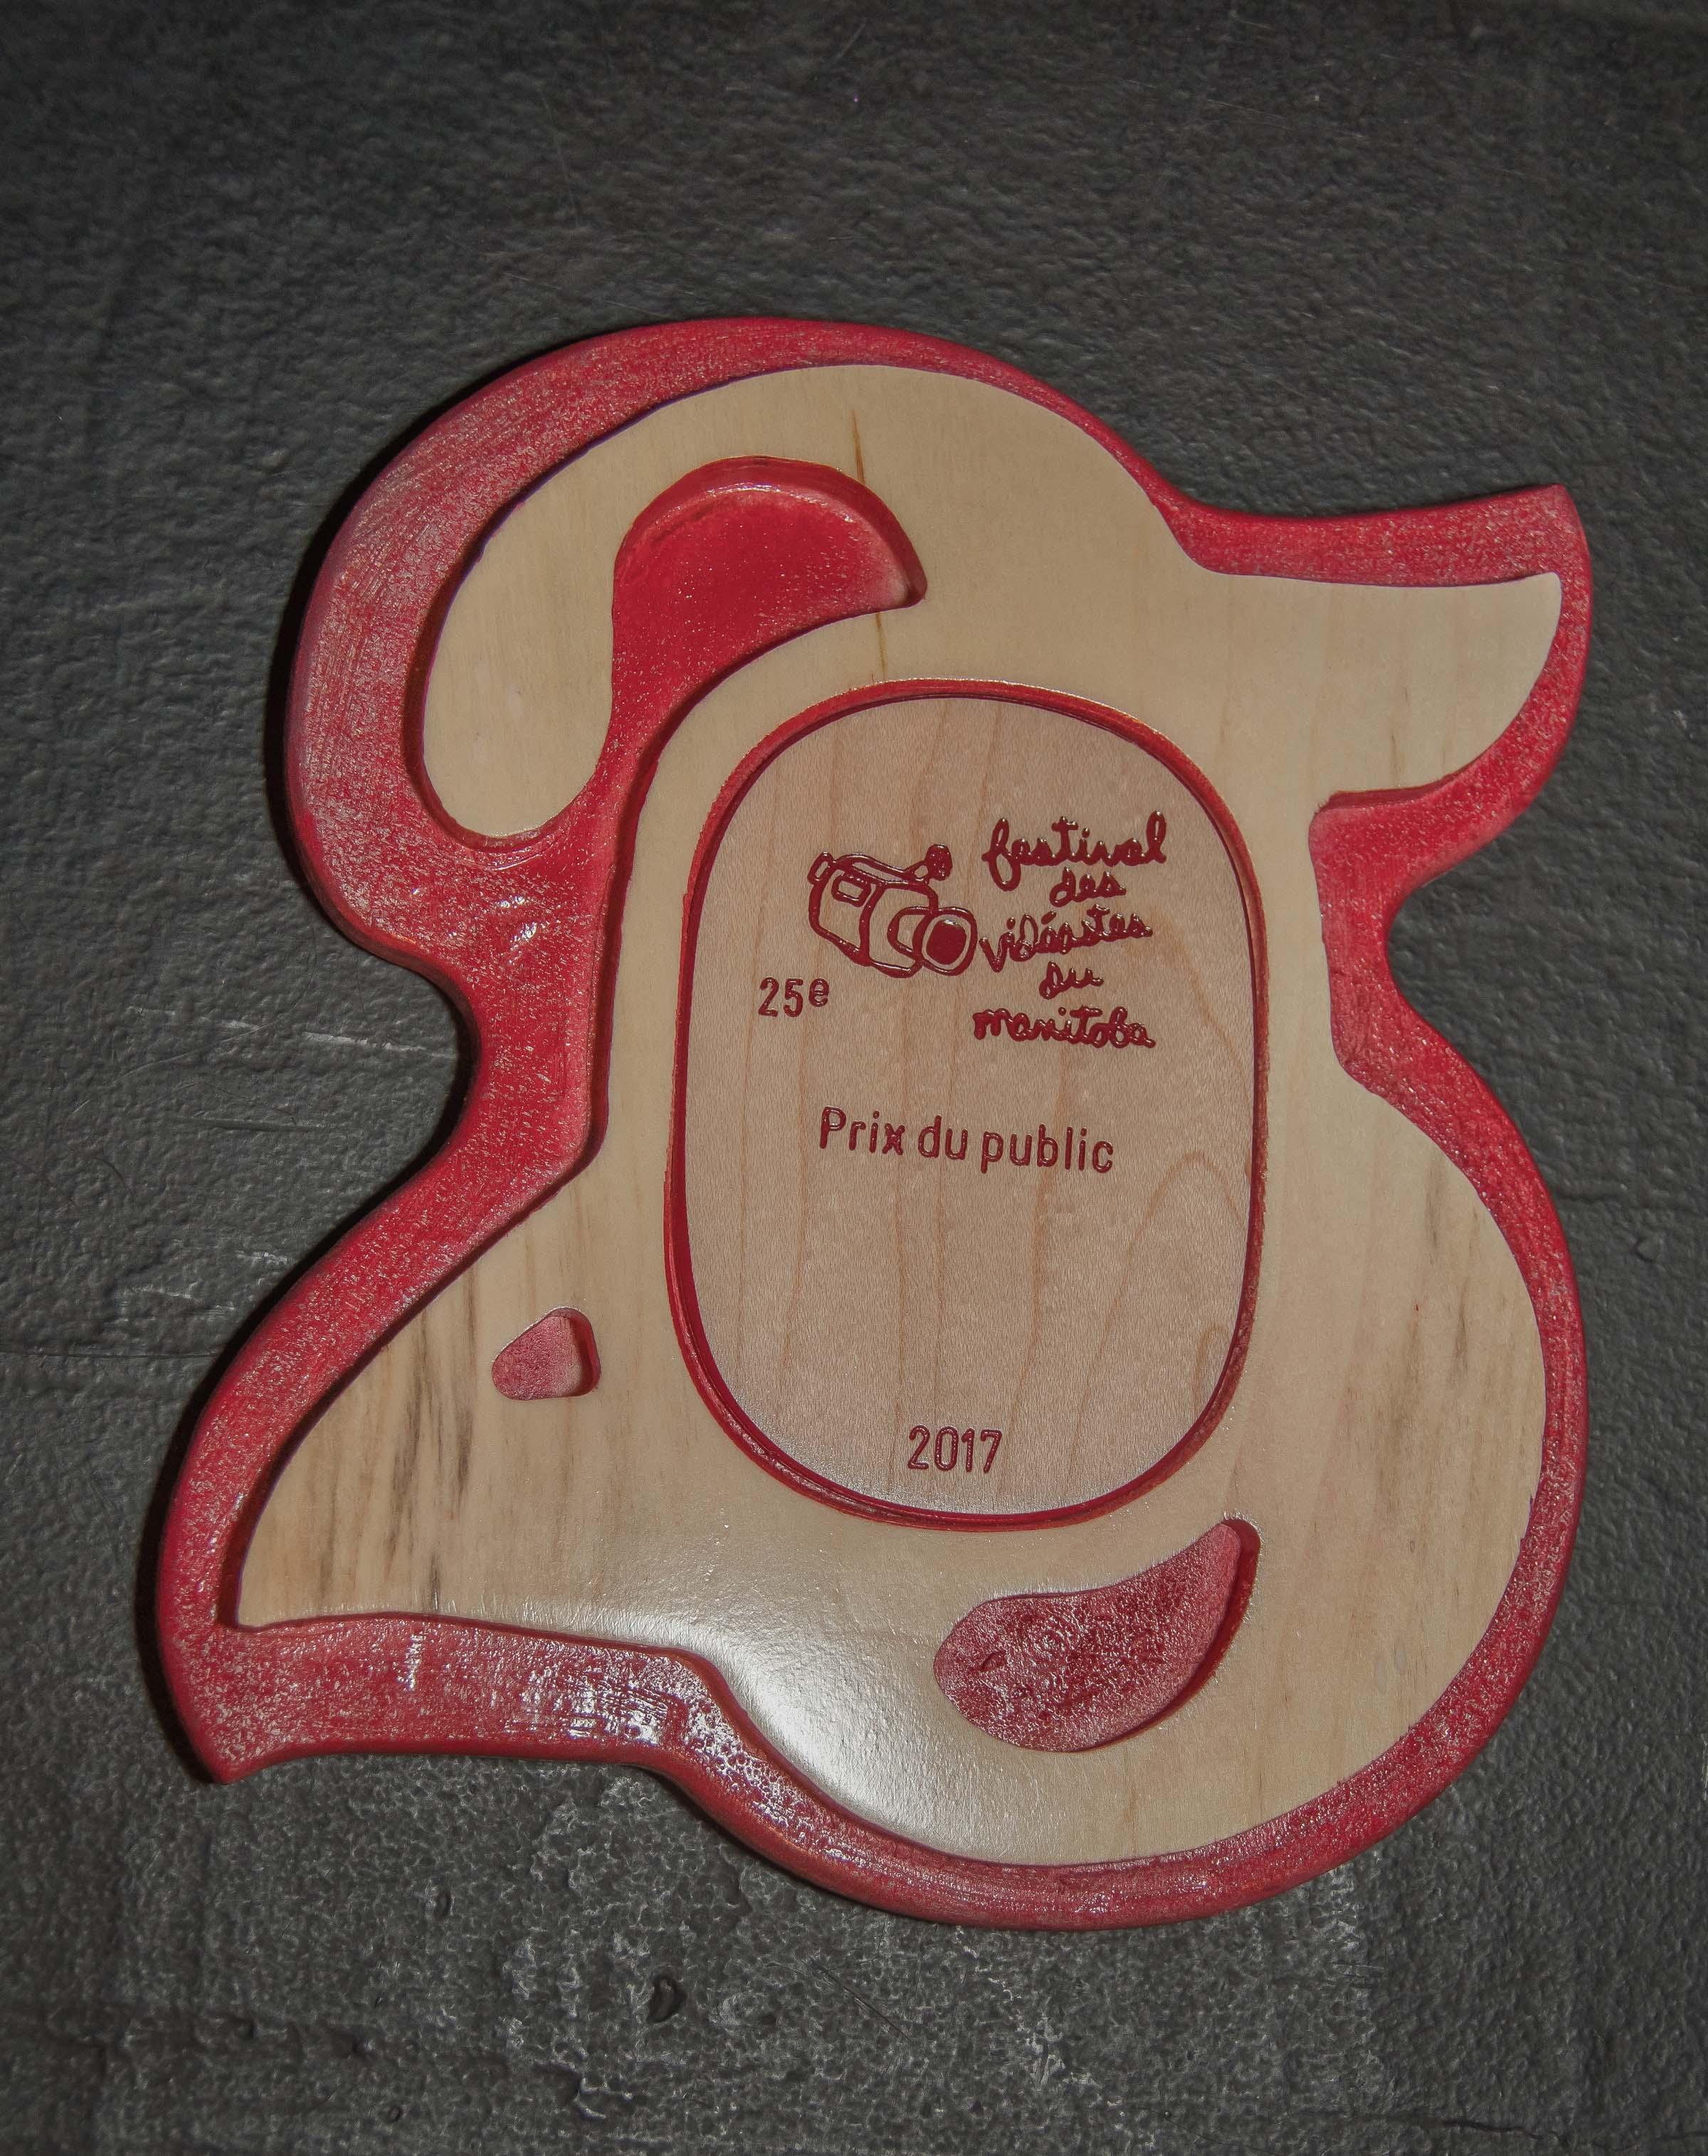 1a plaque.jpg